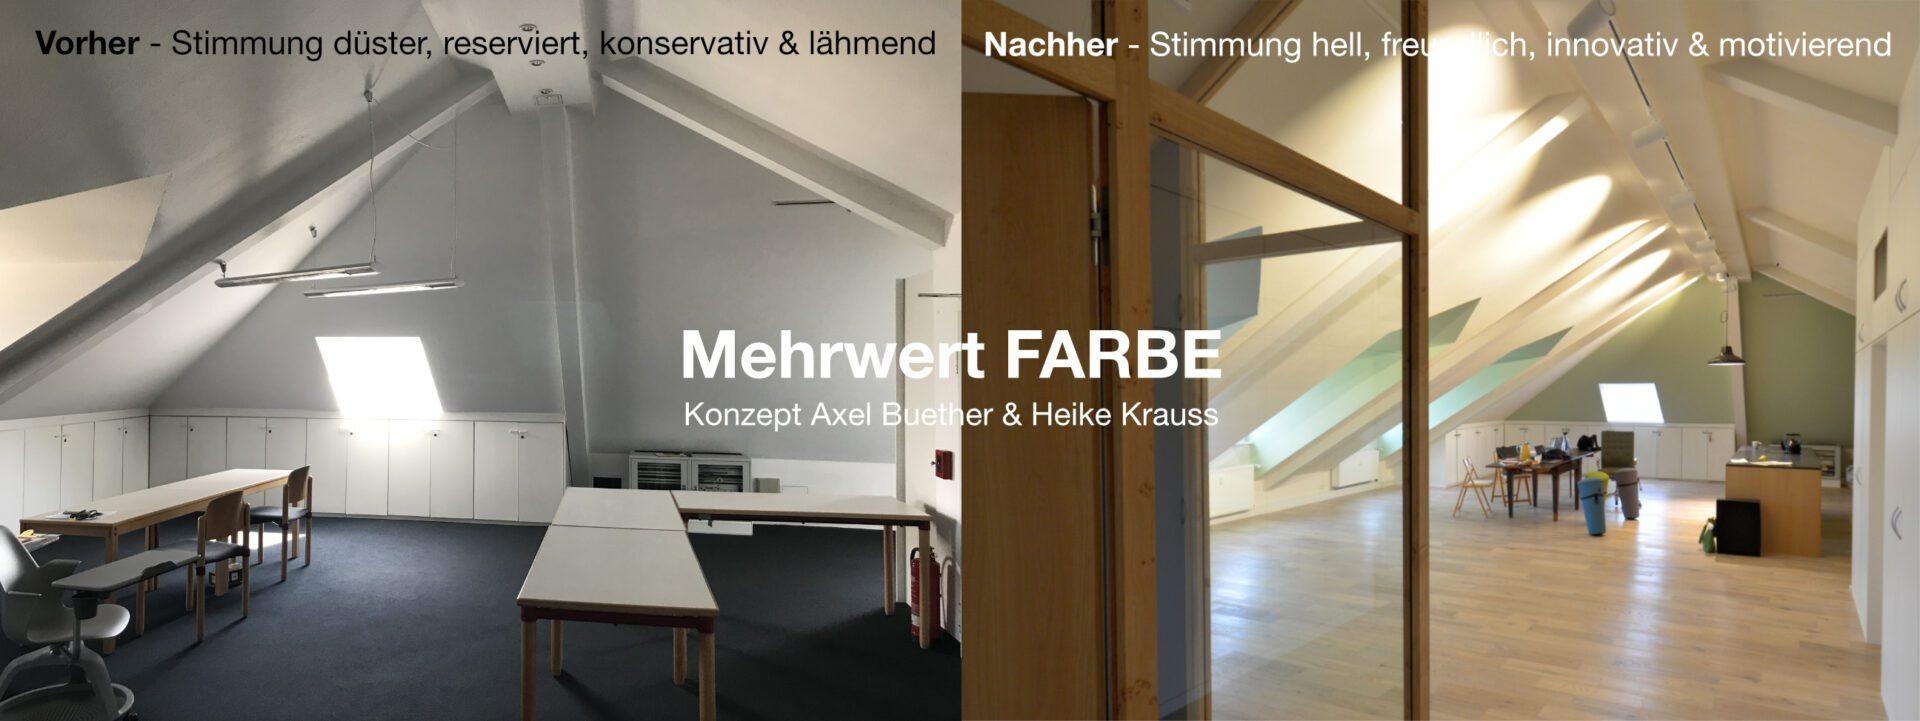 Mehrwert Farbe in Architektur und Interior Design ...